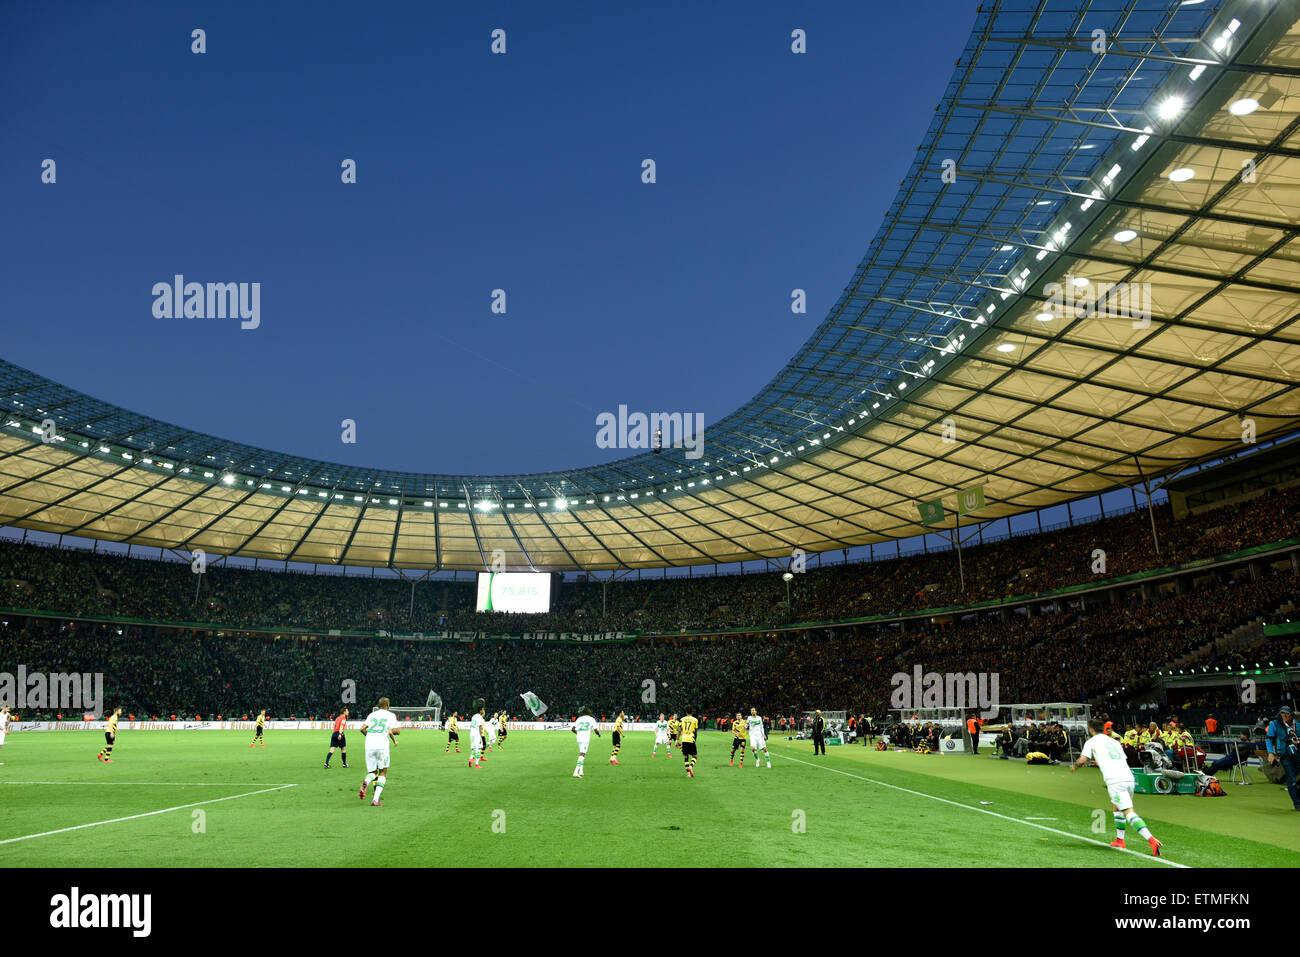 La finale de la Coupe DFB, 2015 Stade olympique le soir, Berlin, Allemagne Photo Stock